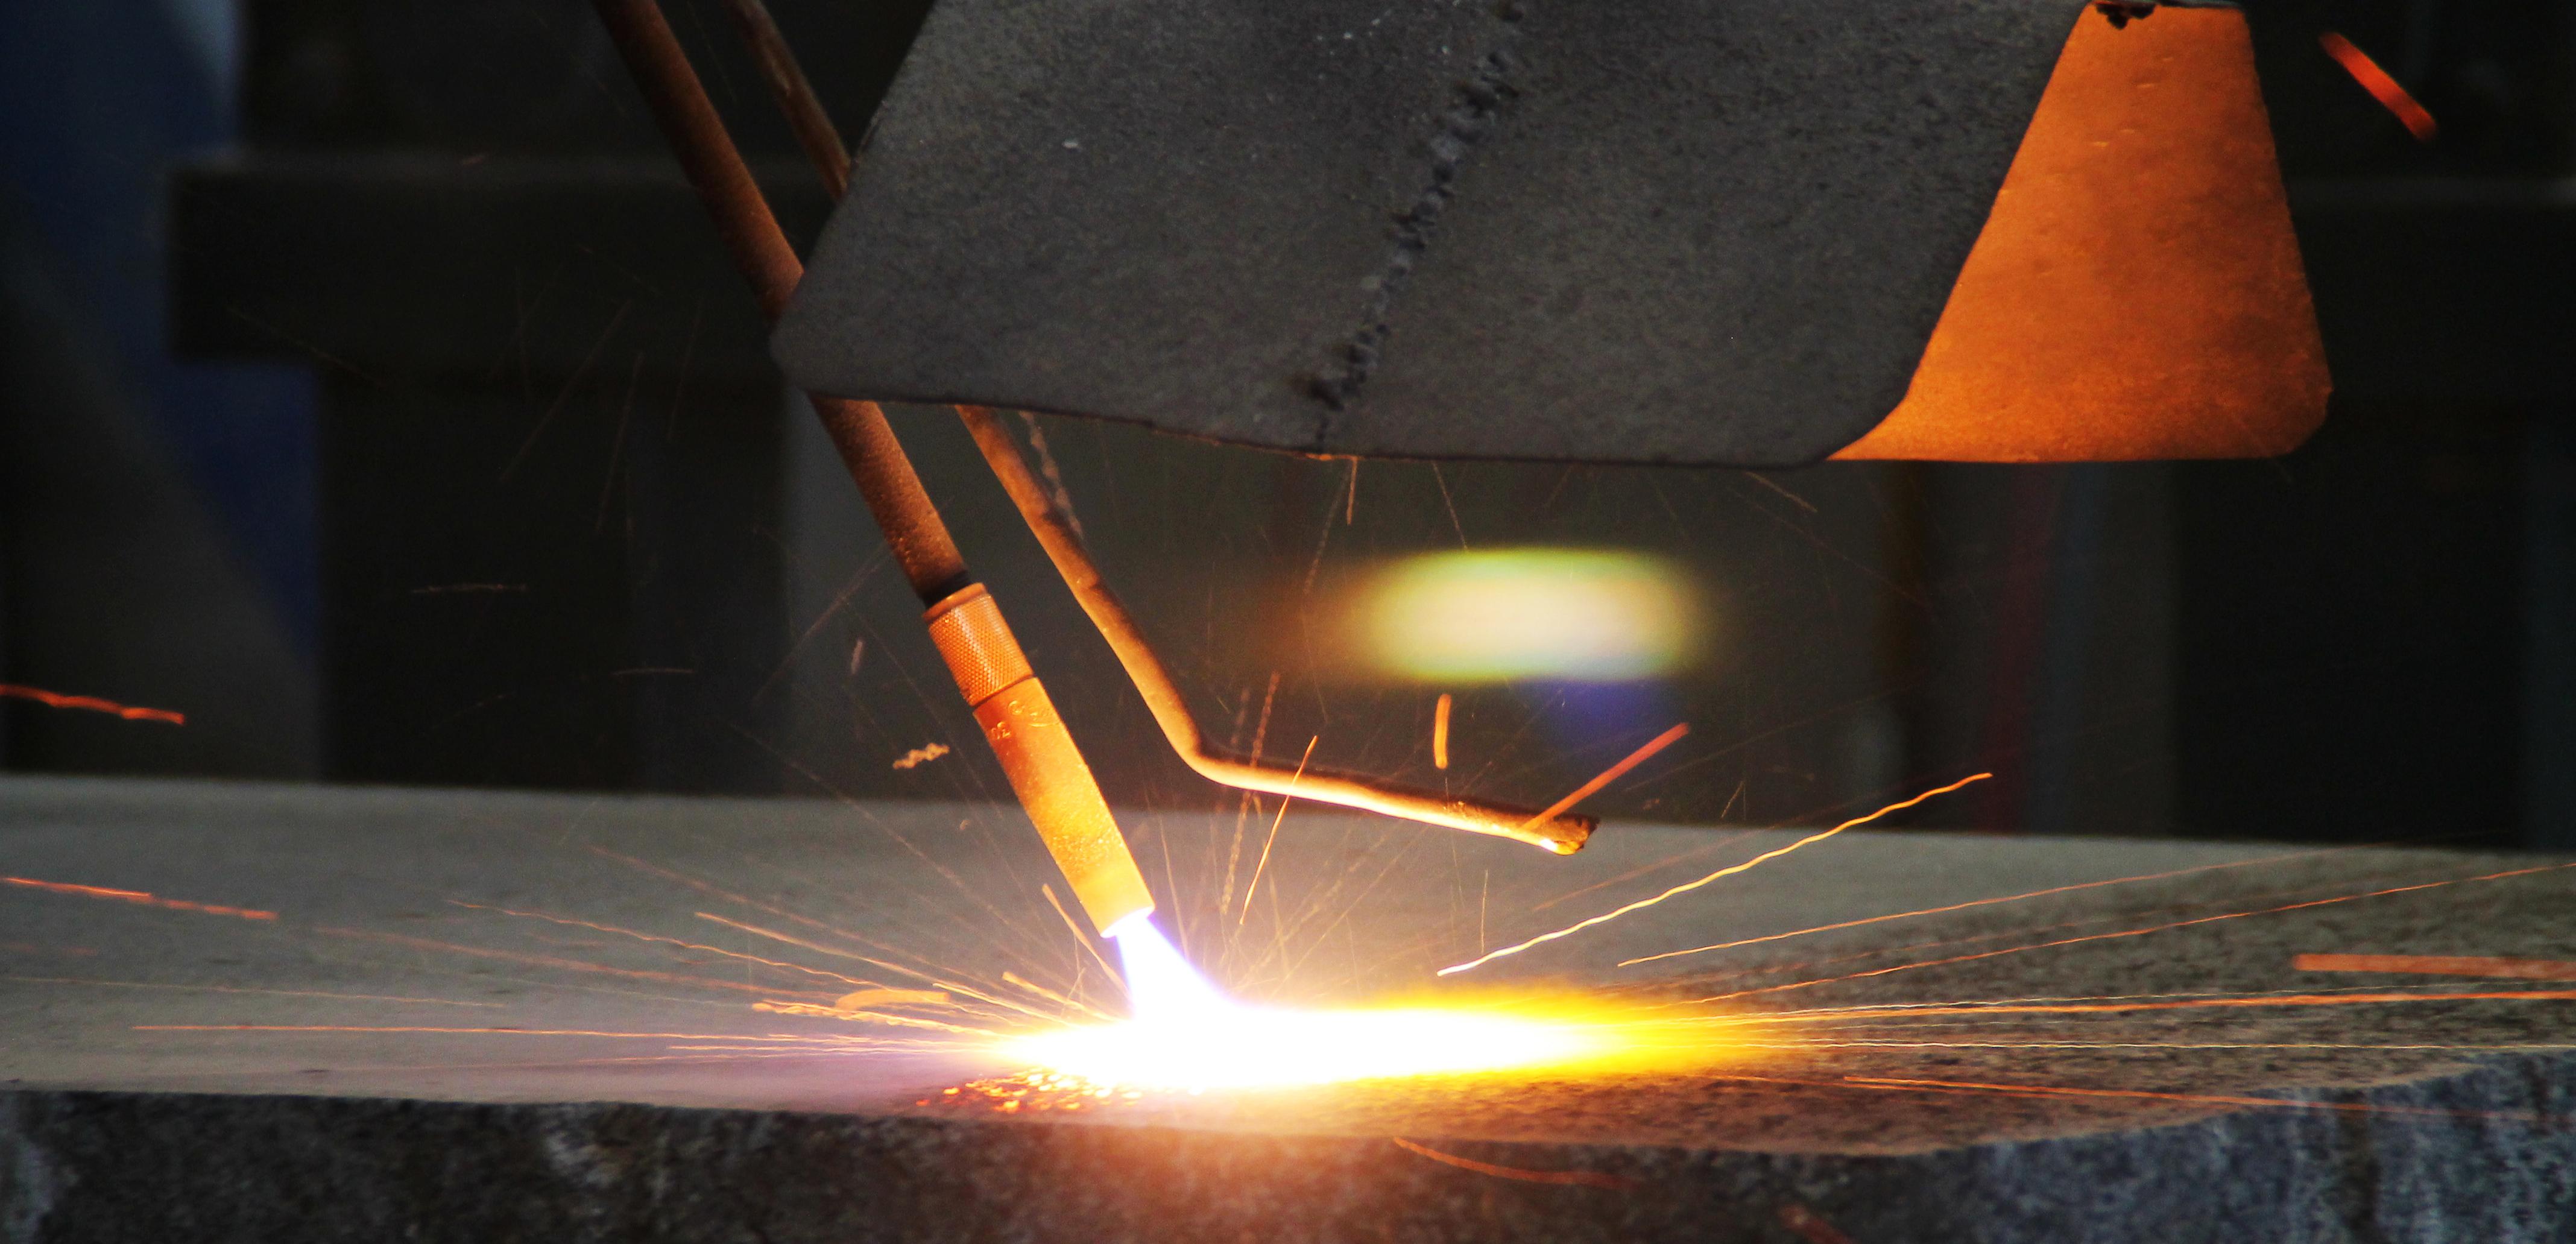 The Granite slabs being flamed